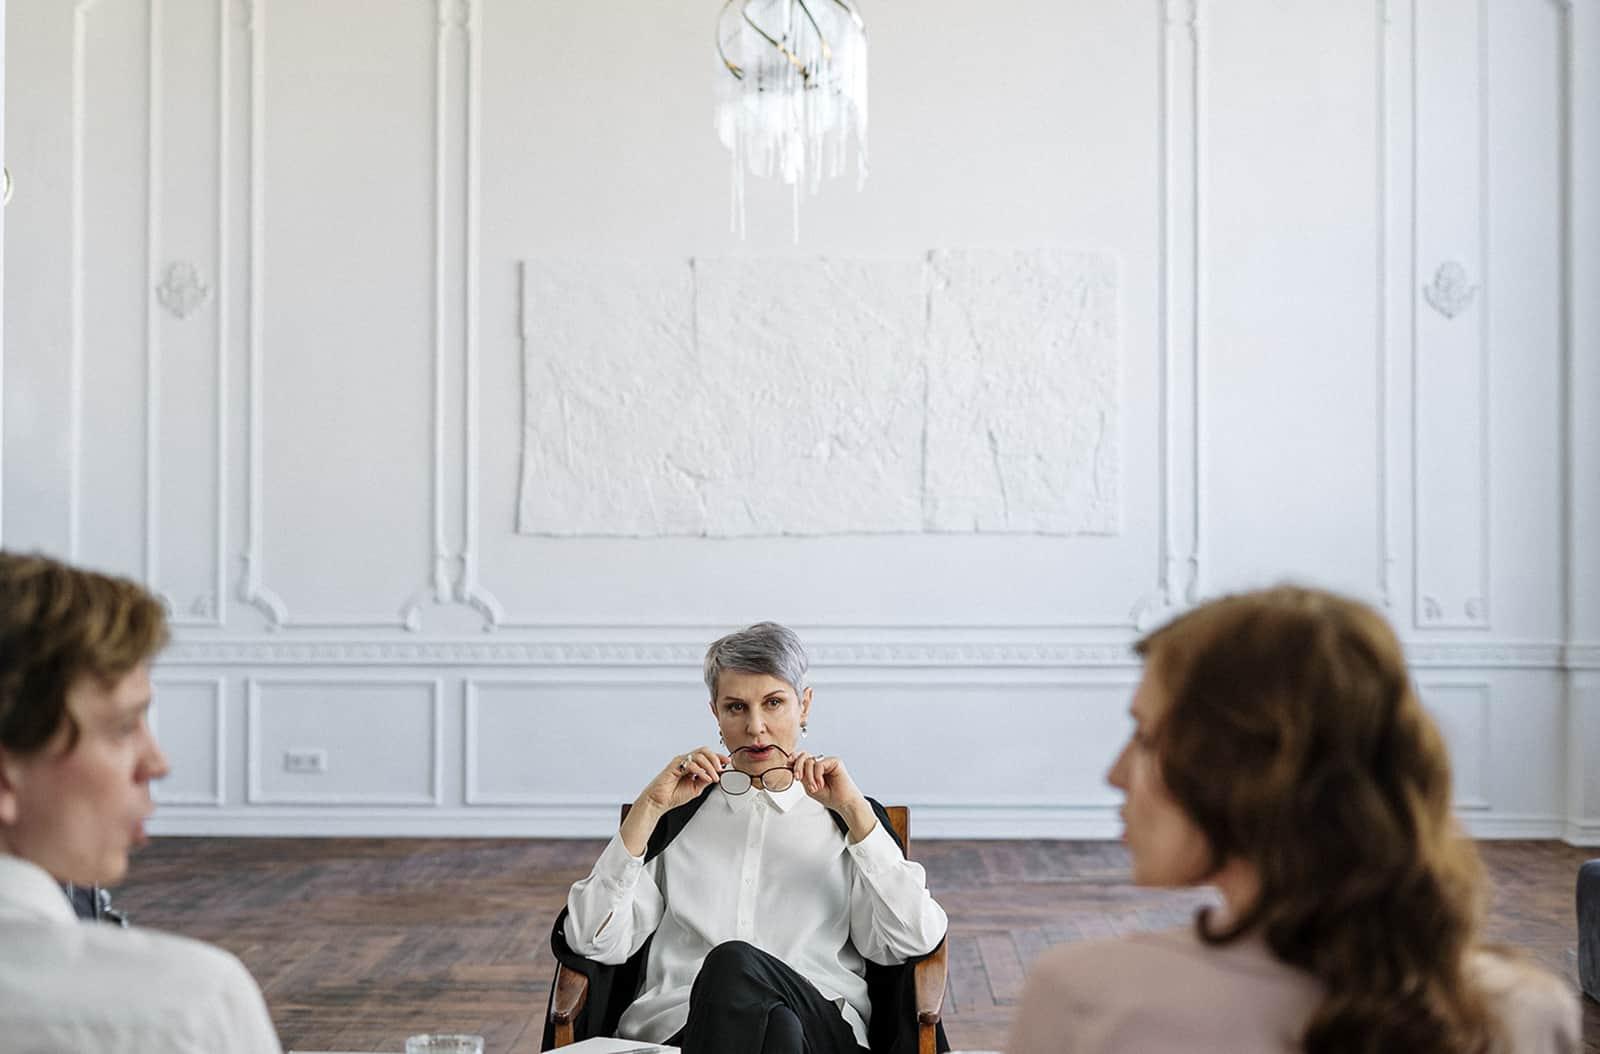 Ein Therapeut sitzt vor einem Paar und spricht miteinander